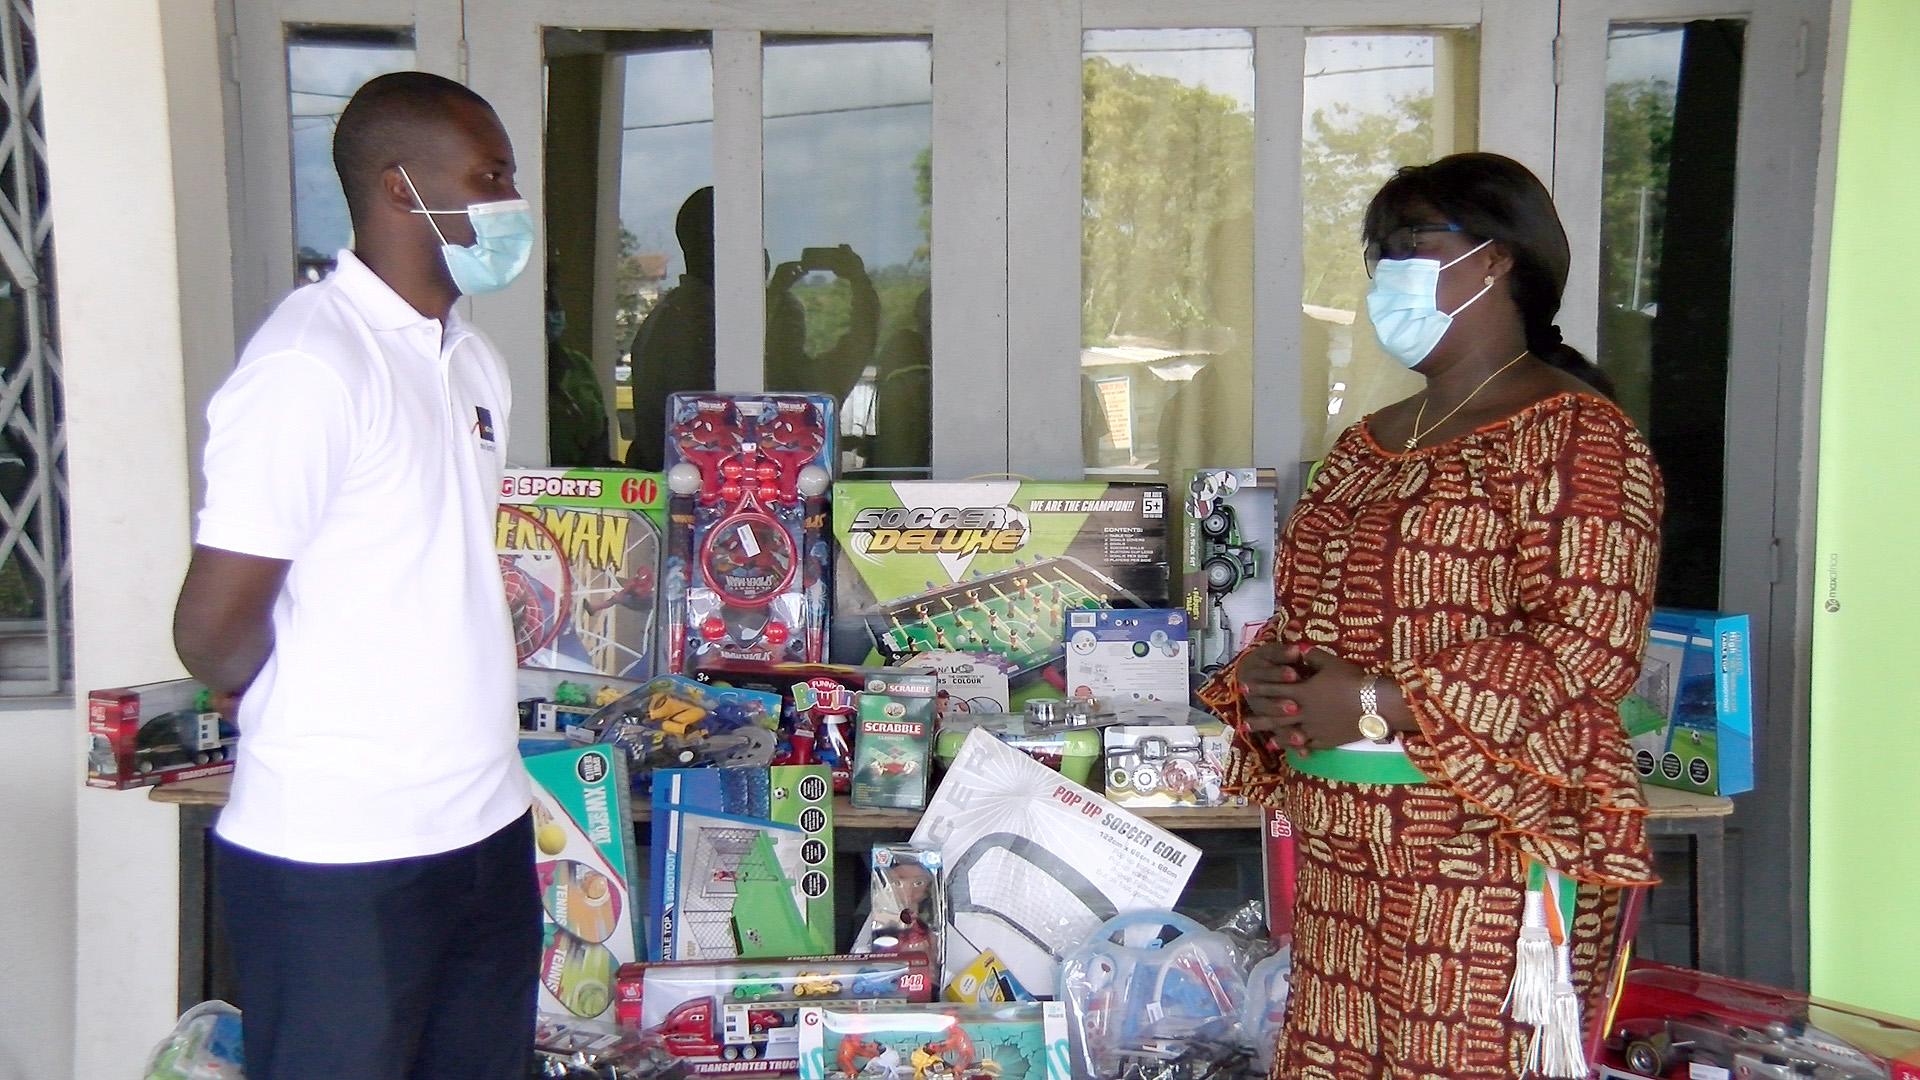 journee-internationale-de-la-generosite-et-de-la-solidarite-de-nombreux-jouets-pour-les-enfants-de-plusieurs-villes